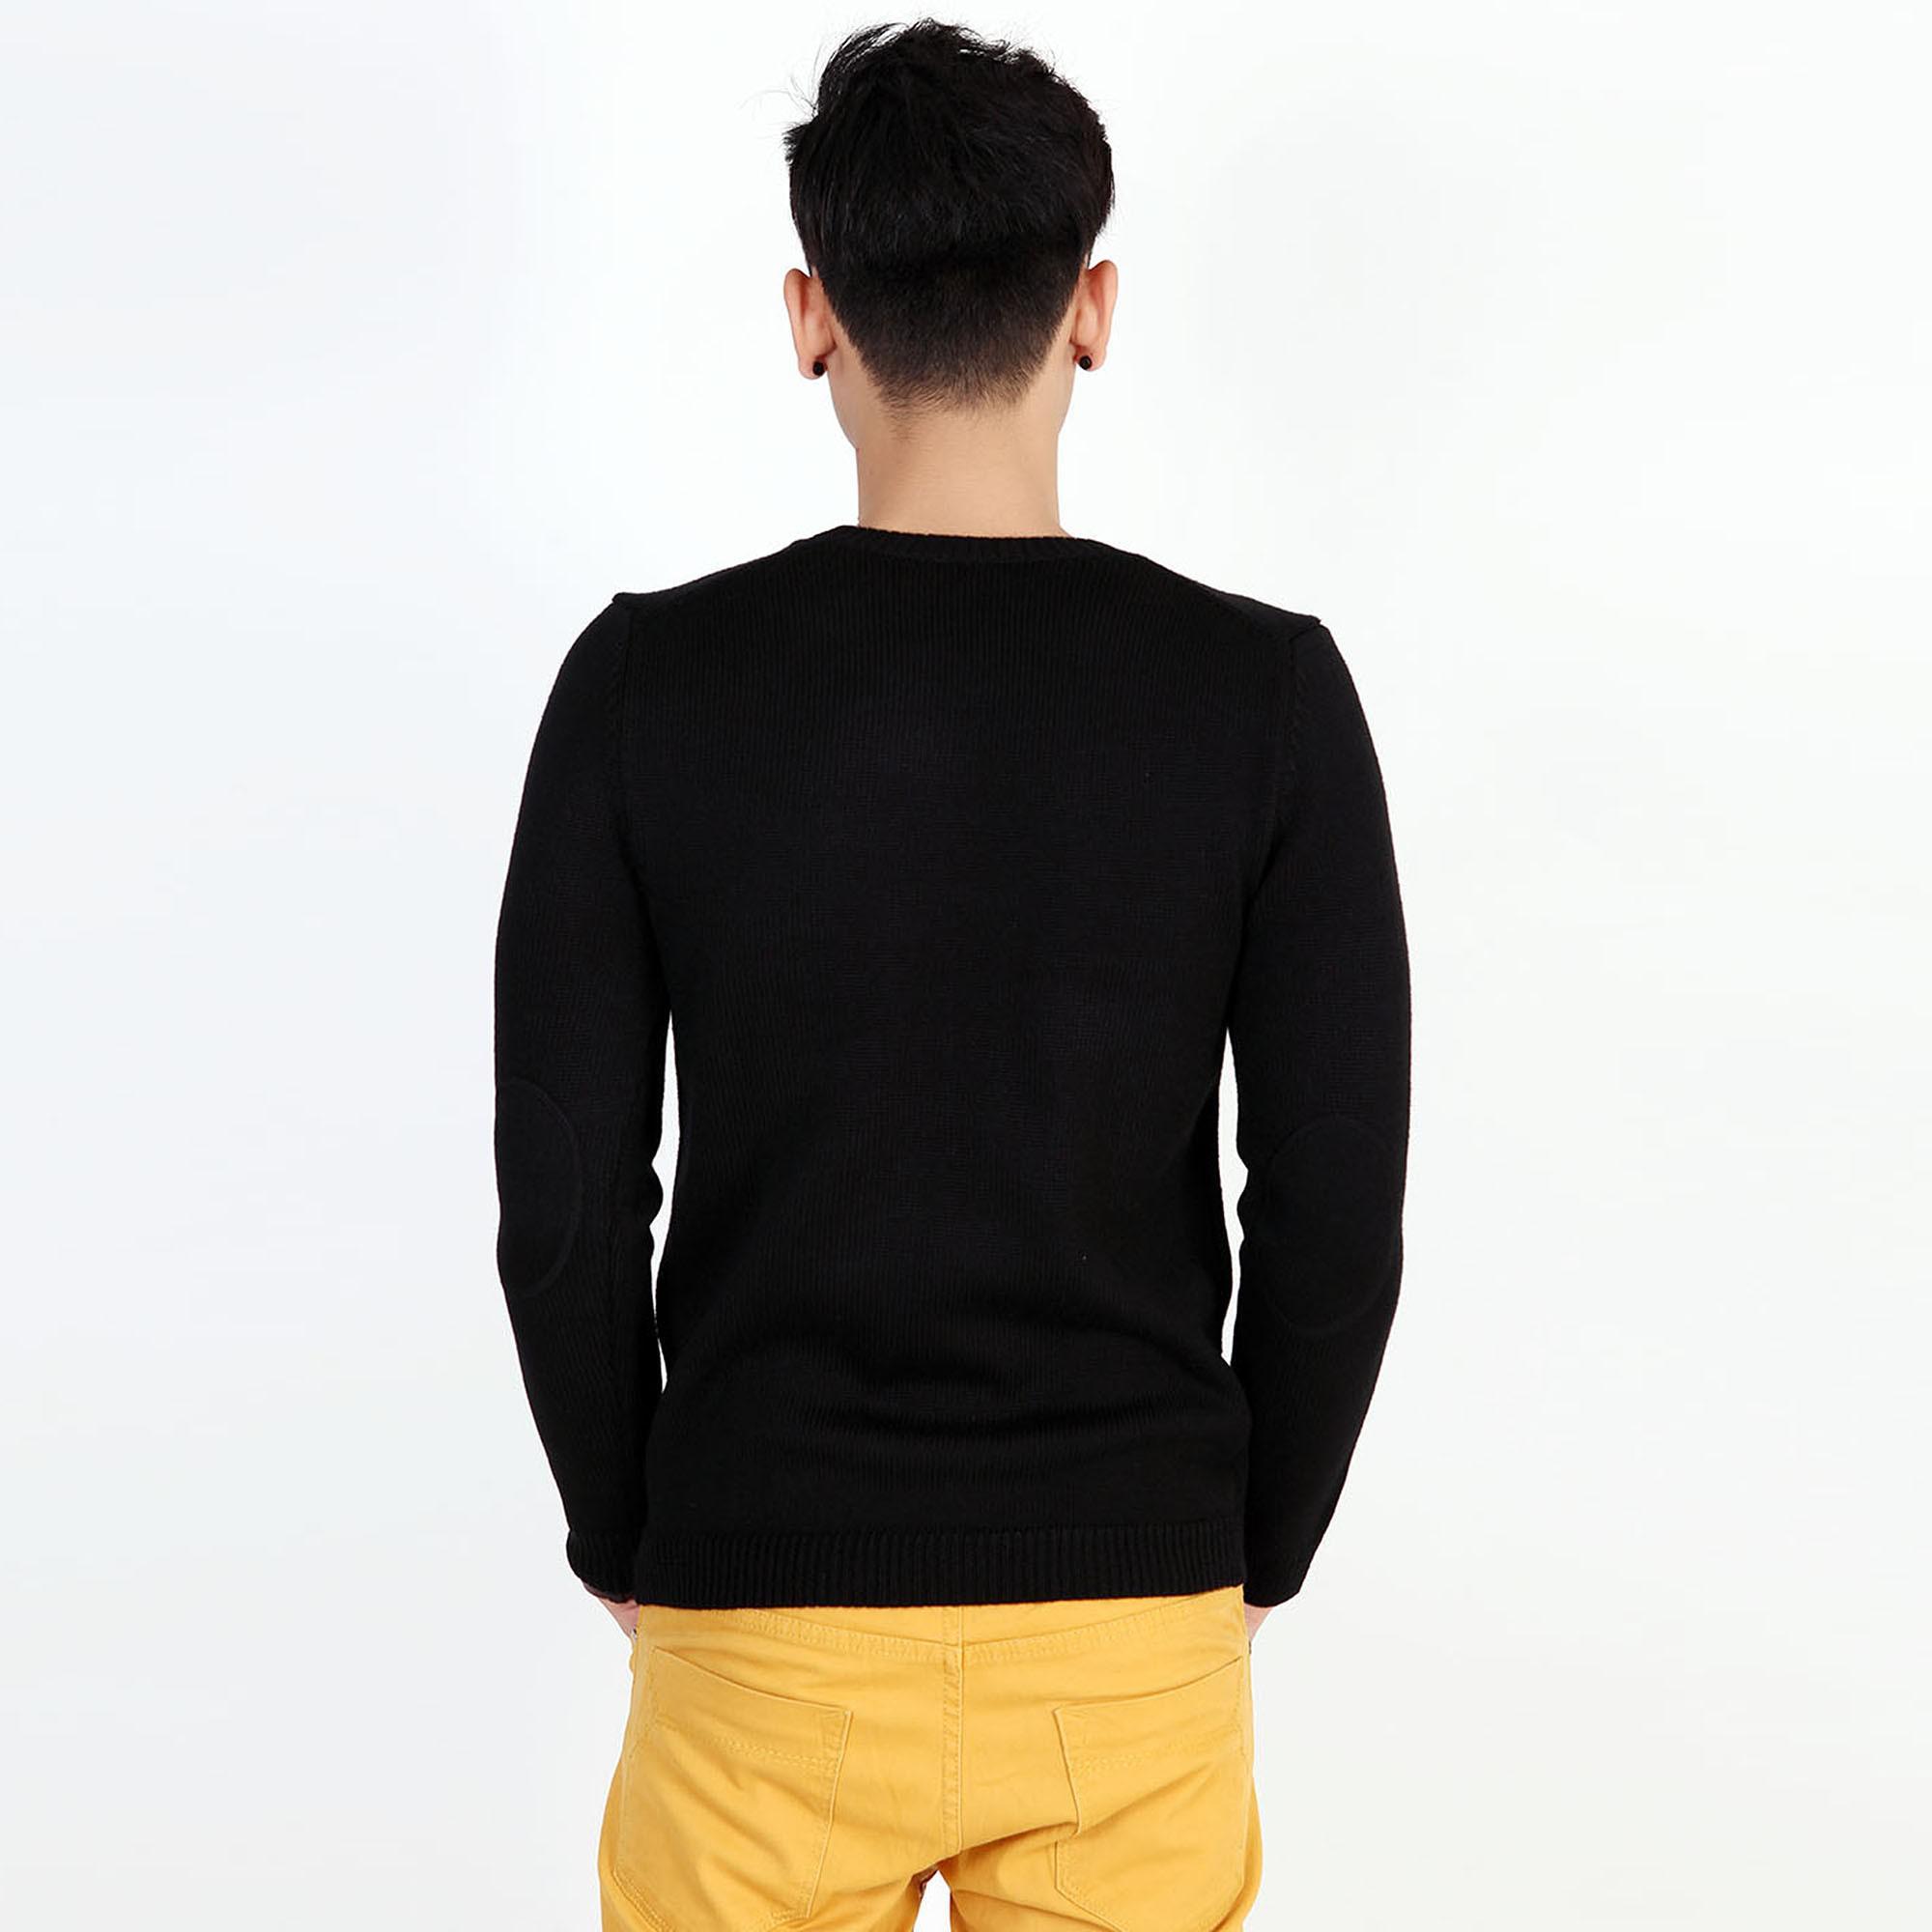 Áo len nam dày cổ tròn, phối màu bo, đáp khuỷu tay